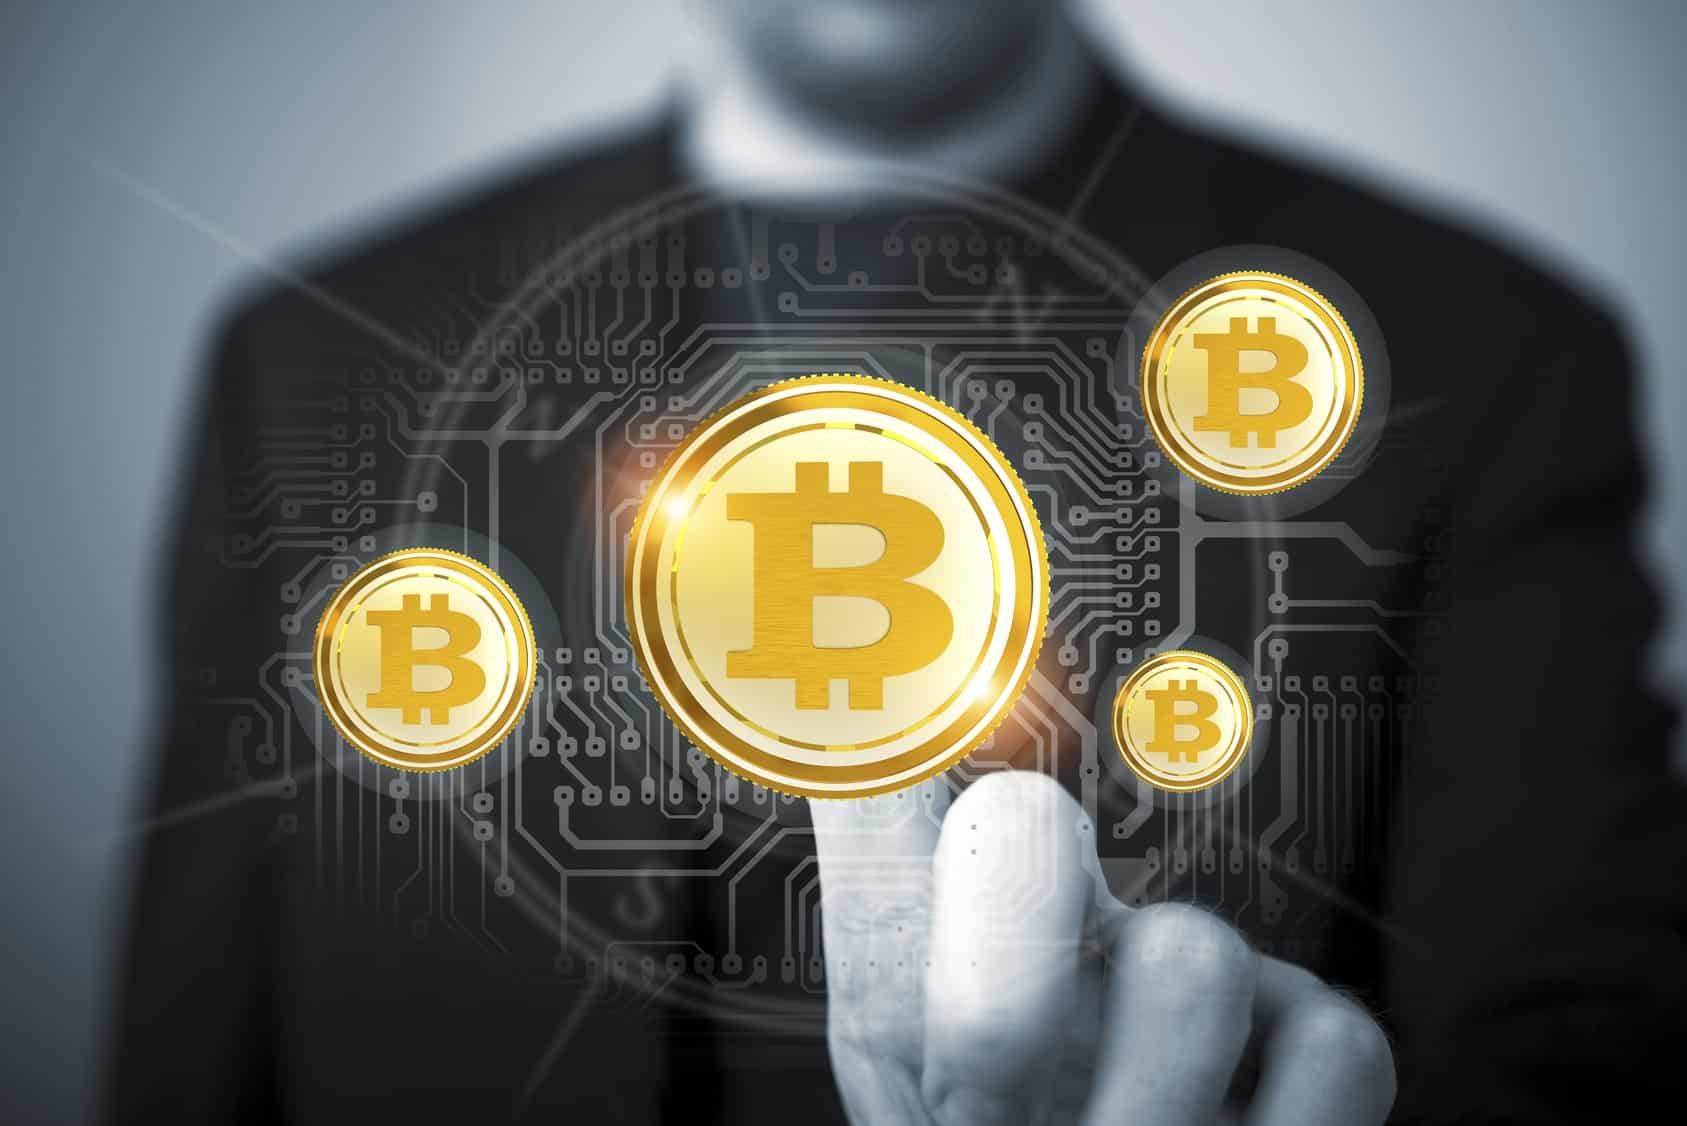 El uso de monedas digitales o criptomonedas en Alemania es marginal y carece de reconocimiento oficial; pese a ello, hay varias páginas alemanas en Internet que anuncian criptomonedas y actúan como fondos de inversión en moneda virtual.